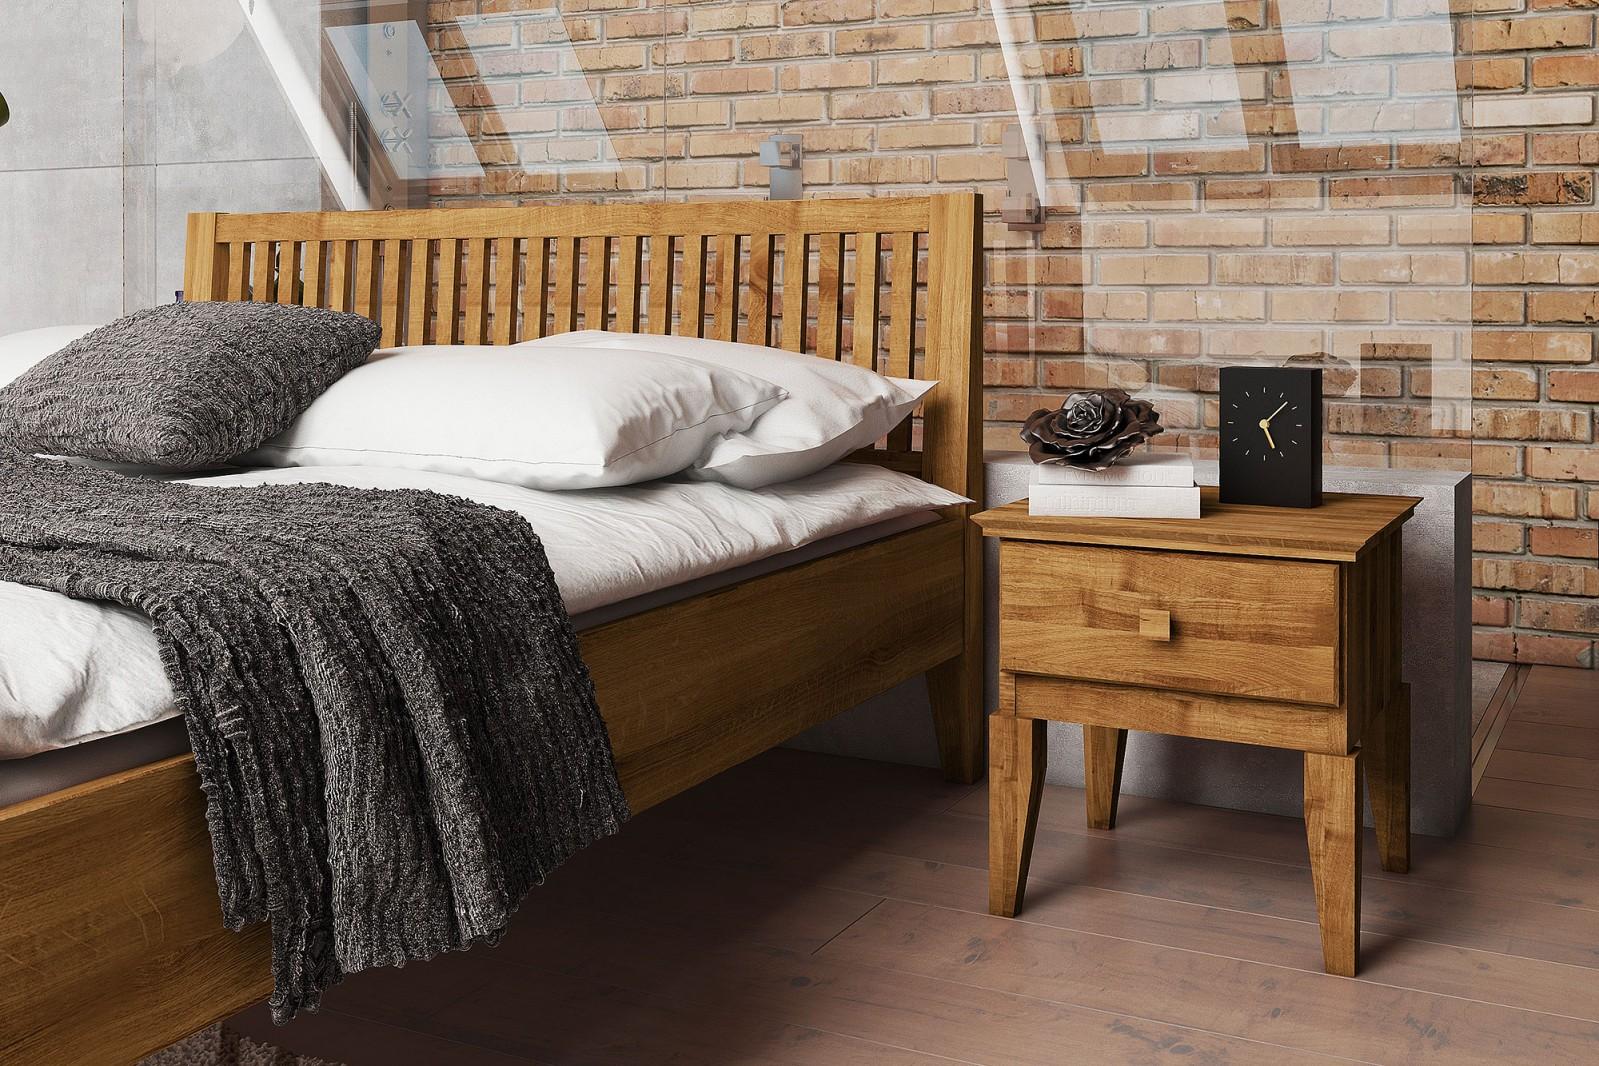 Drewniane łóżko Odys w stylu rustykalnym